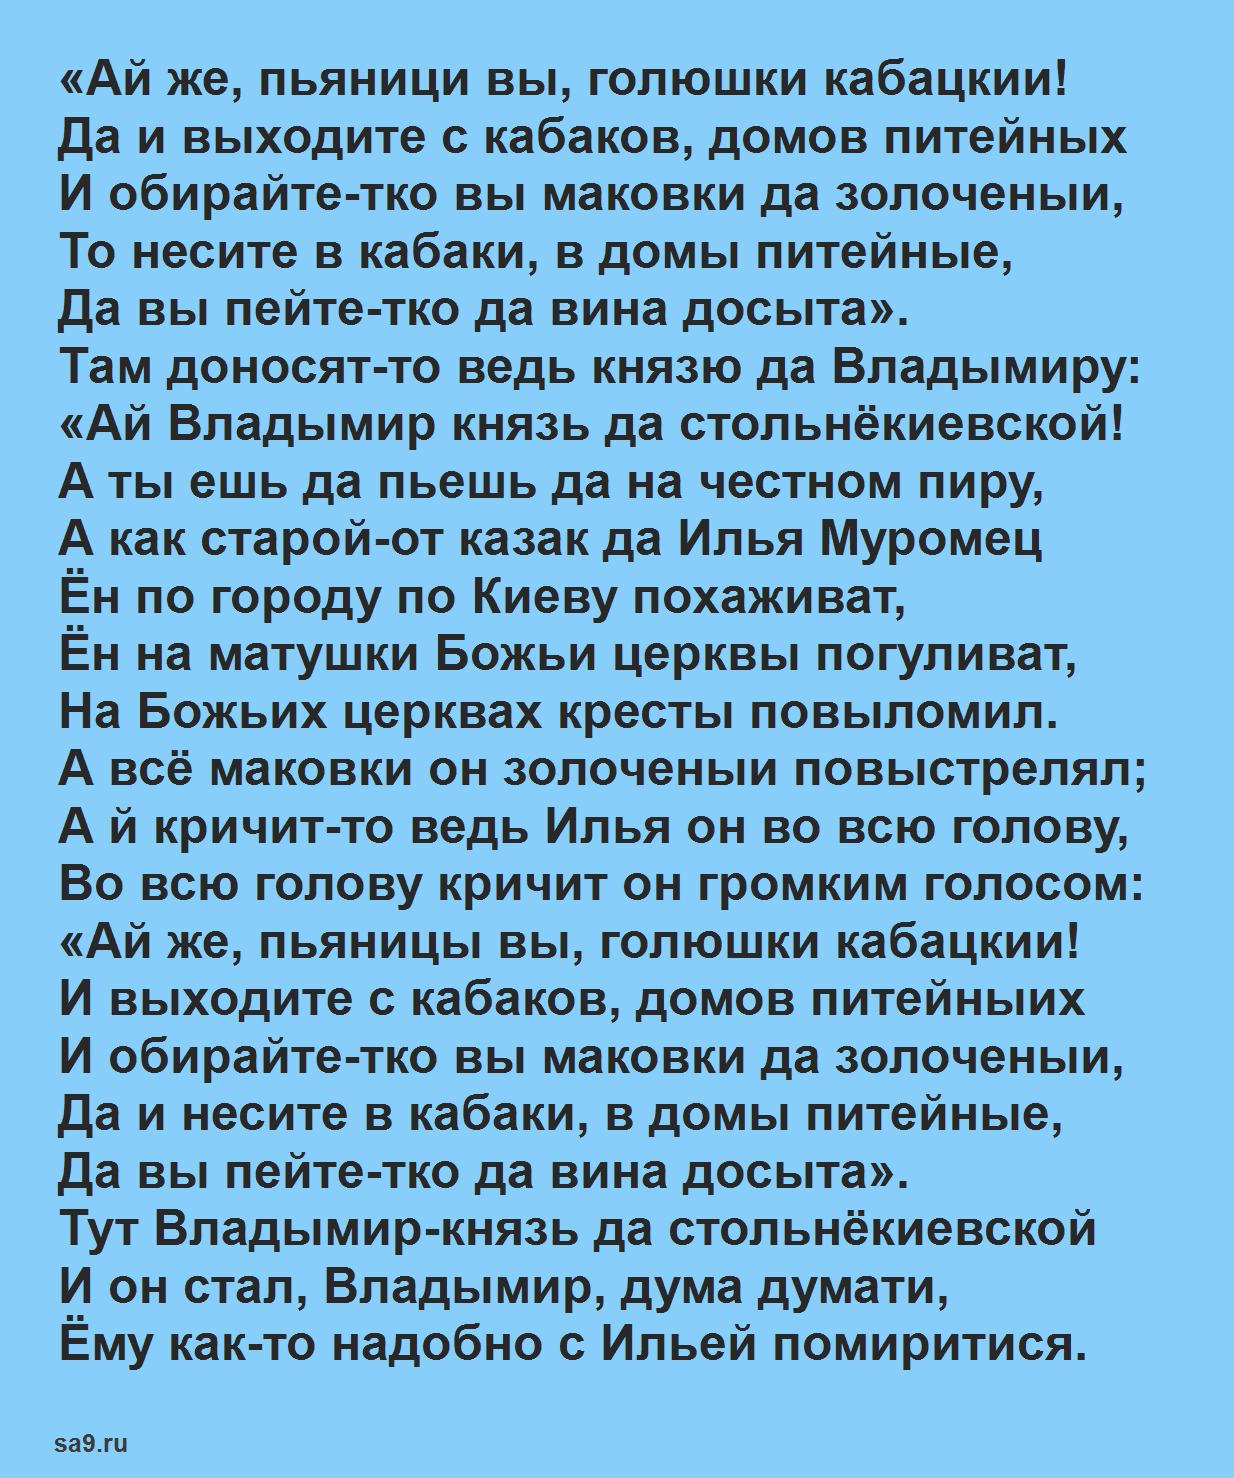 Читать былину - Илья Муромец и голи кабацкие